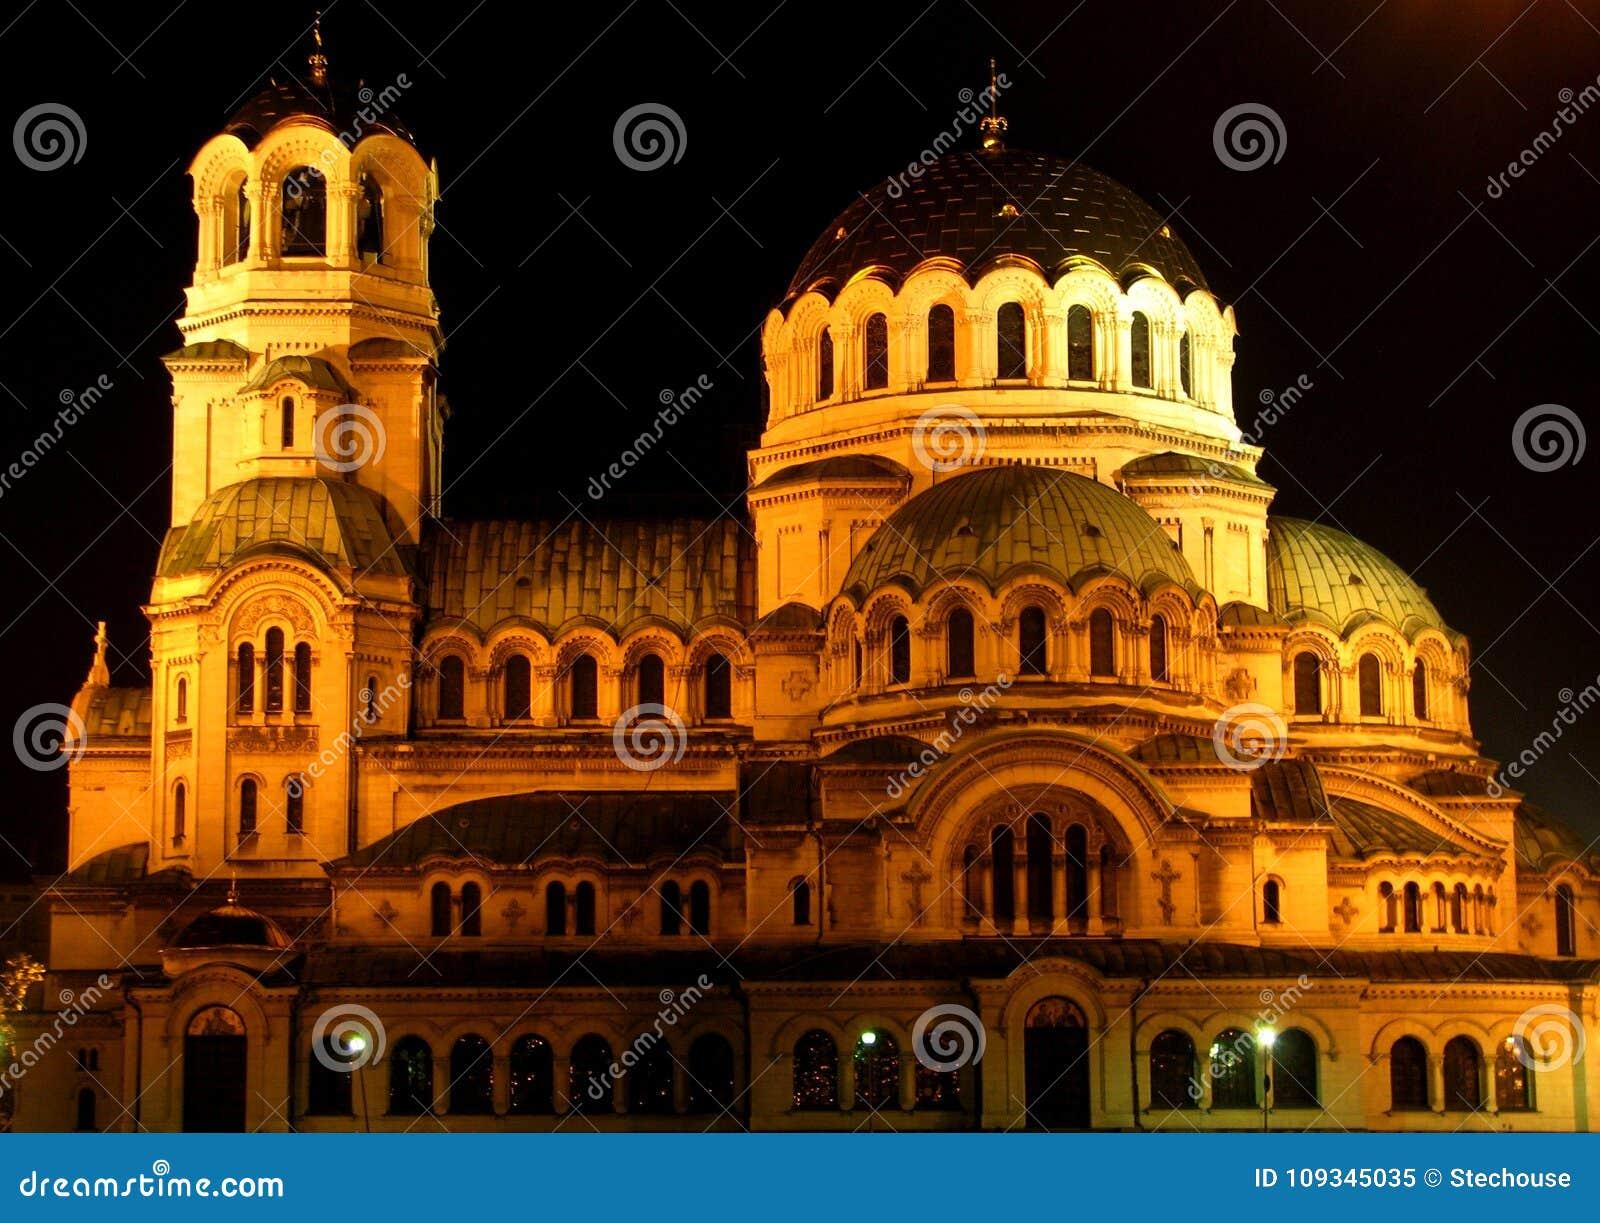 Domkyrkan för St Alexander Nevsky är en bulgarisk ortodox domkyrka i Sofia, capitalen av Bulgarien